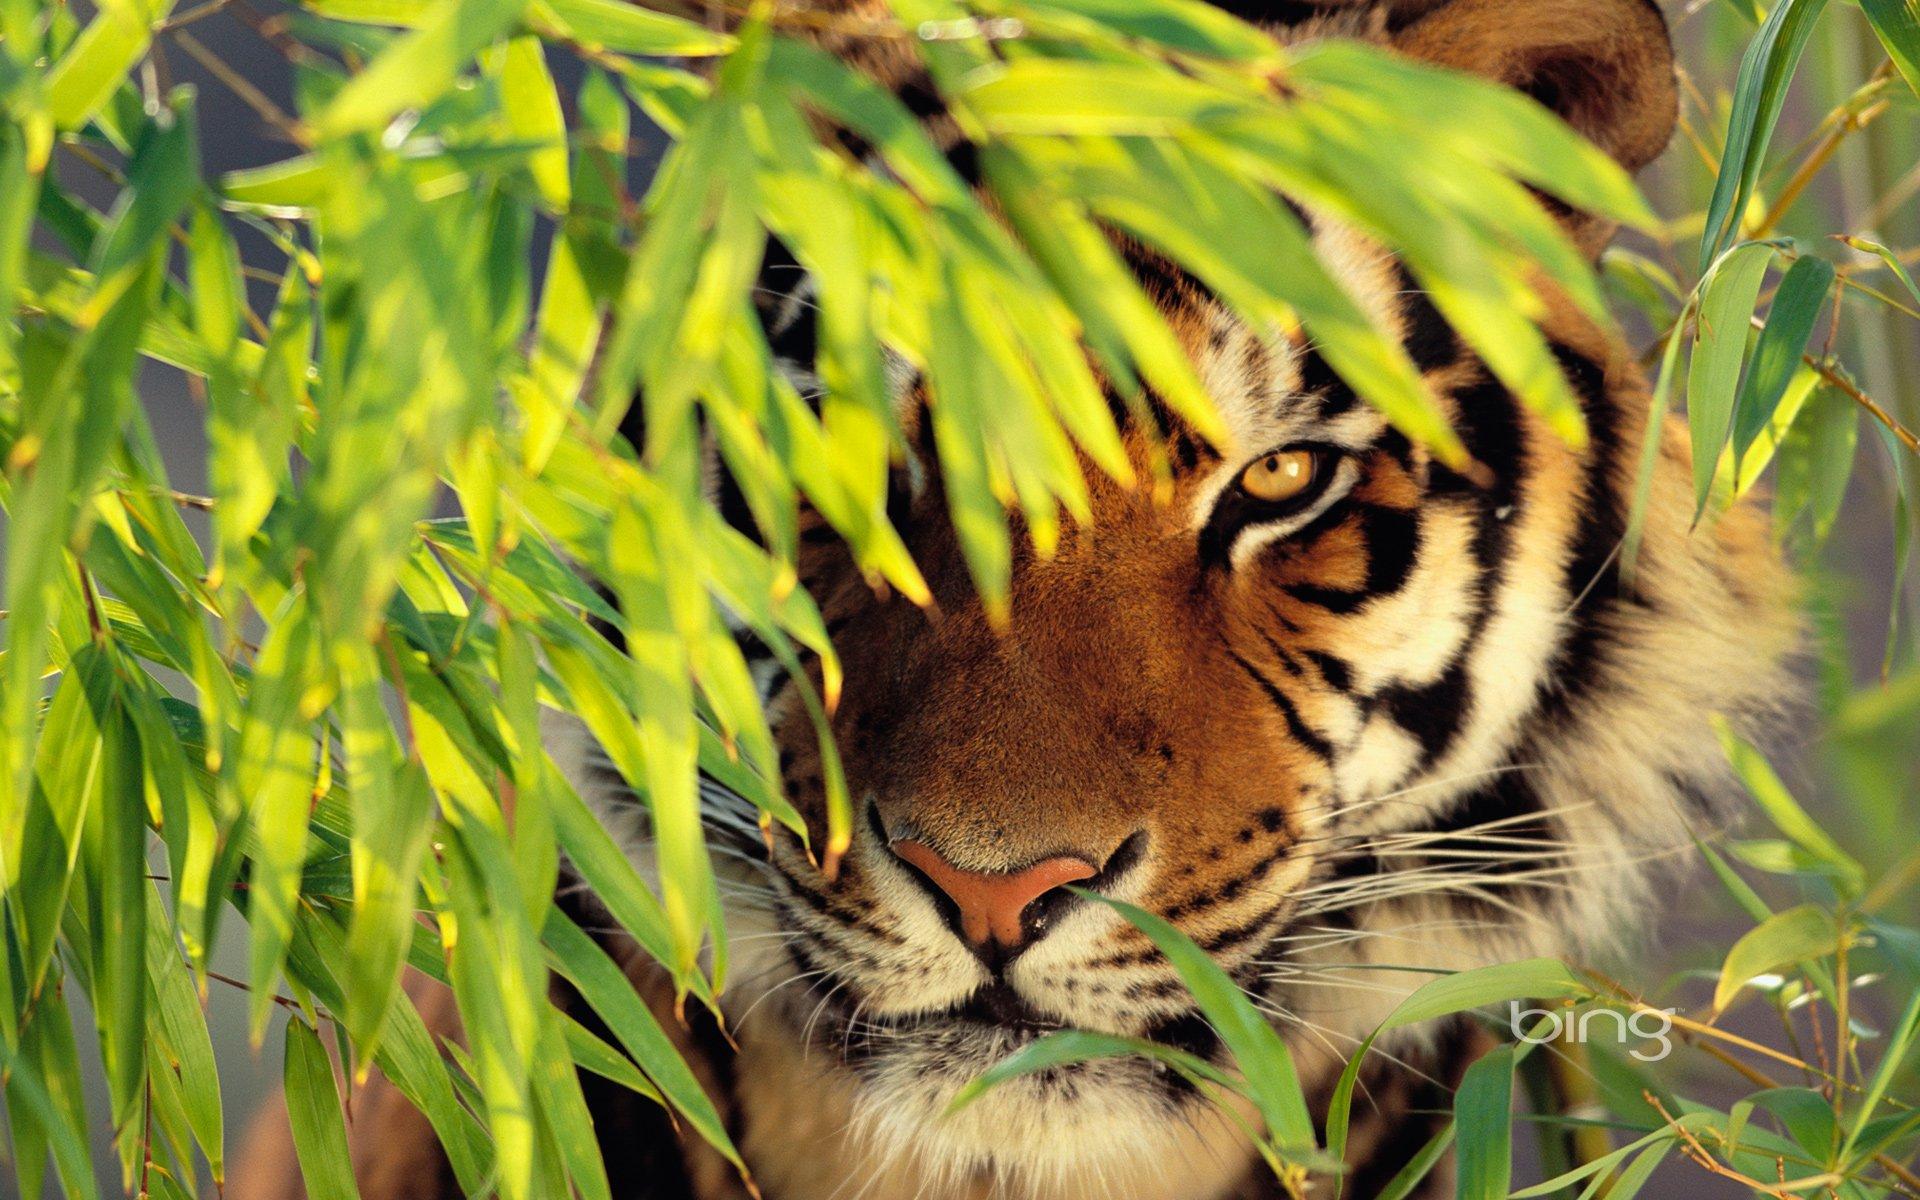 Espectaculares fotos de animales 62